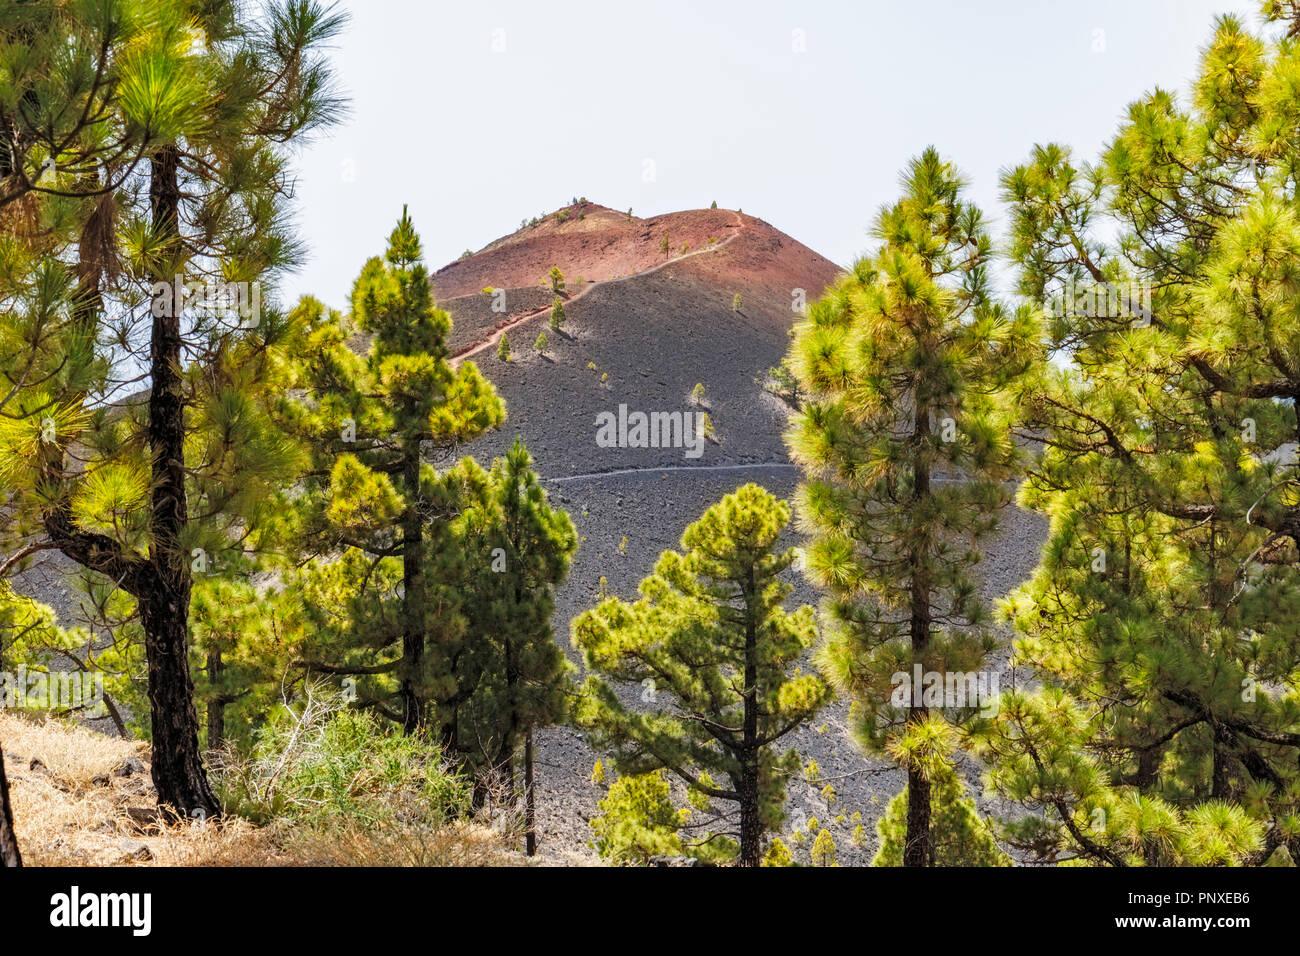 Vulkanische Landschaft entlang der Ruta de los Volcanes, schönen Wanderweg über die Vulkane, La Palma, Kanarische InselnStockfoto